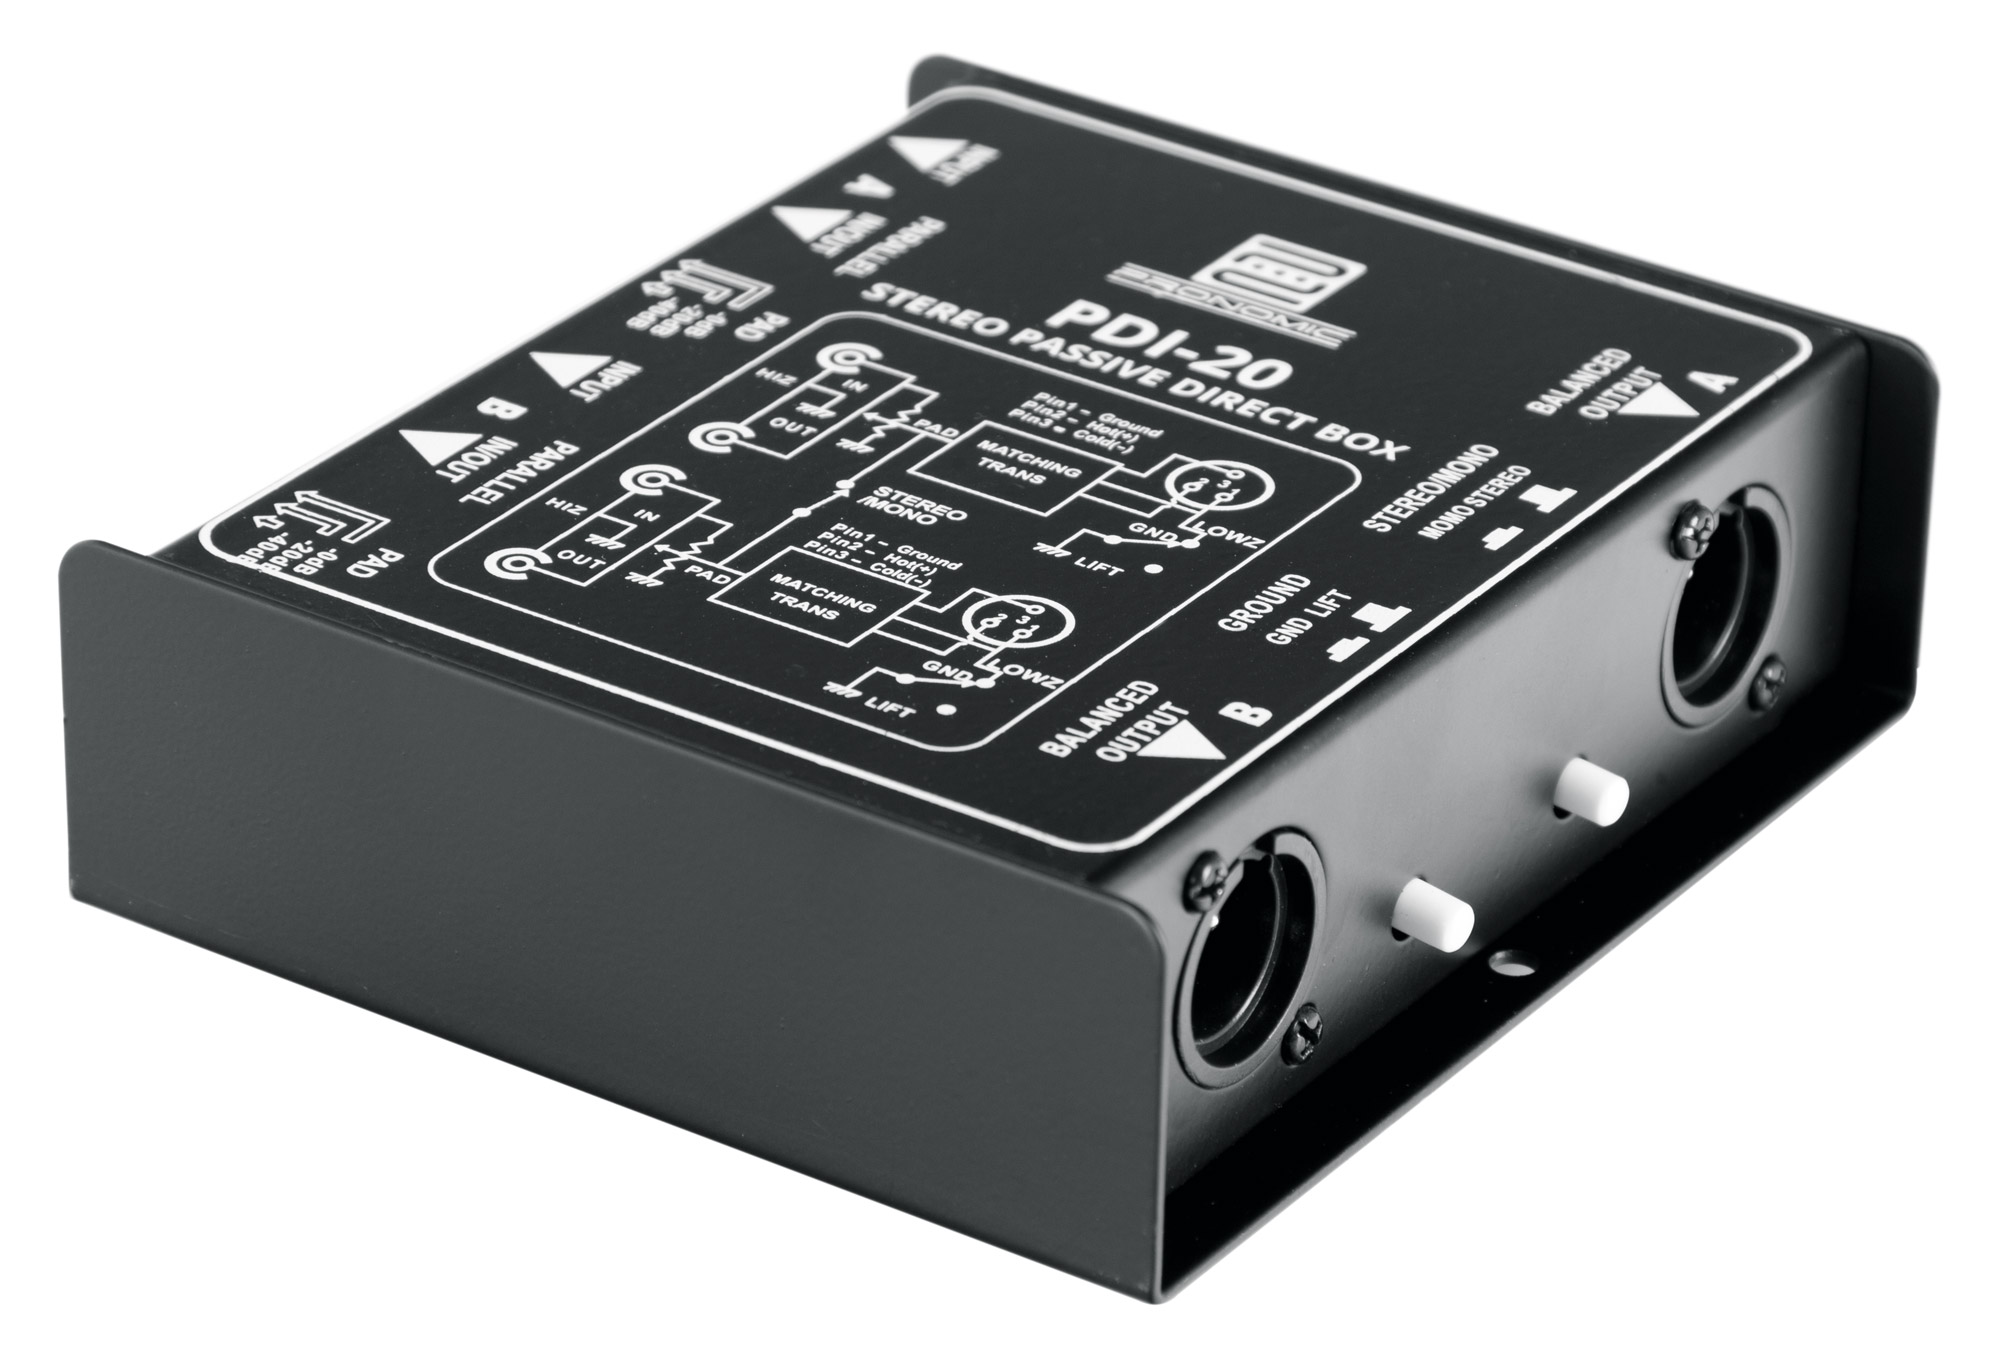 Pronomic PDI 20 passive Stereo DI Box